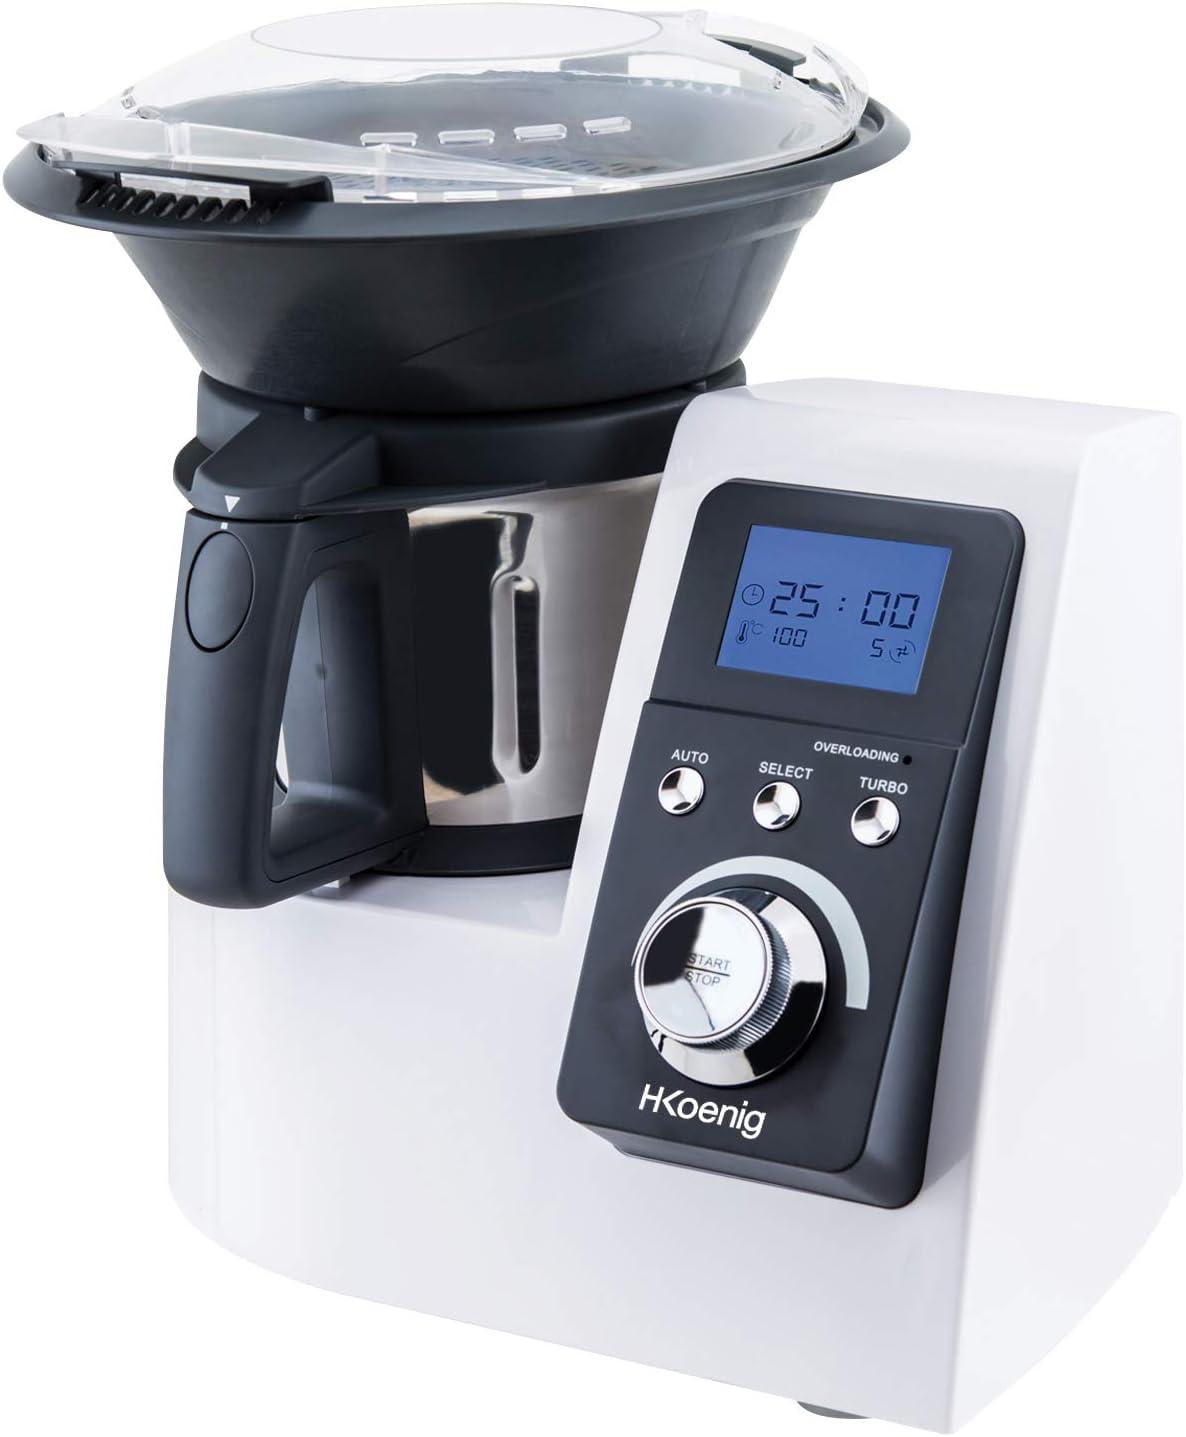 H.Koenig HKM1032 Robot de Cocina, Acero Inoxidable, plástico, Blanco: Amazon.es: Hogar